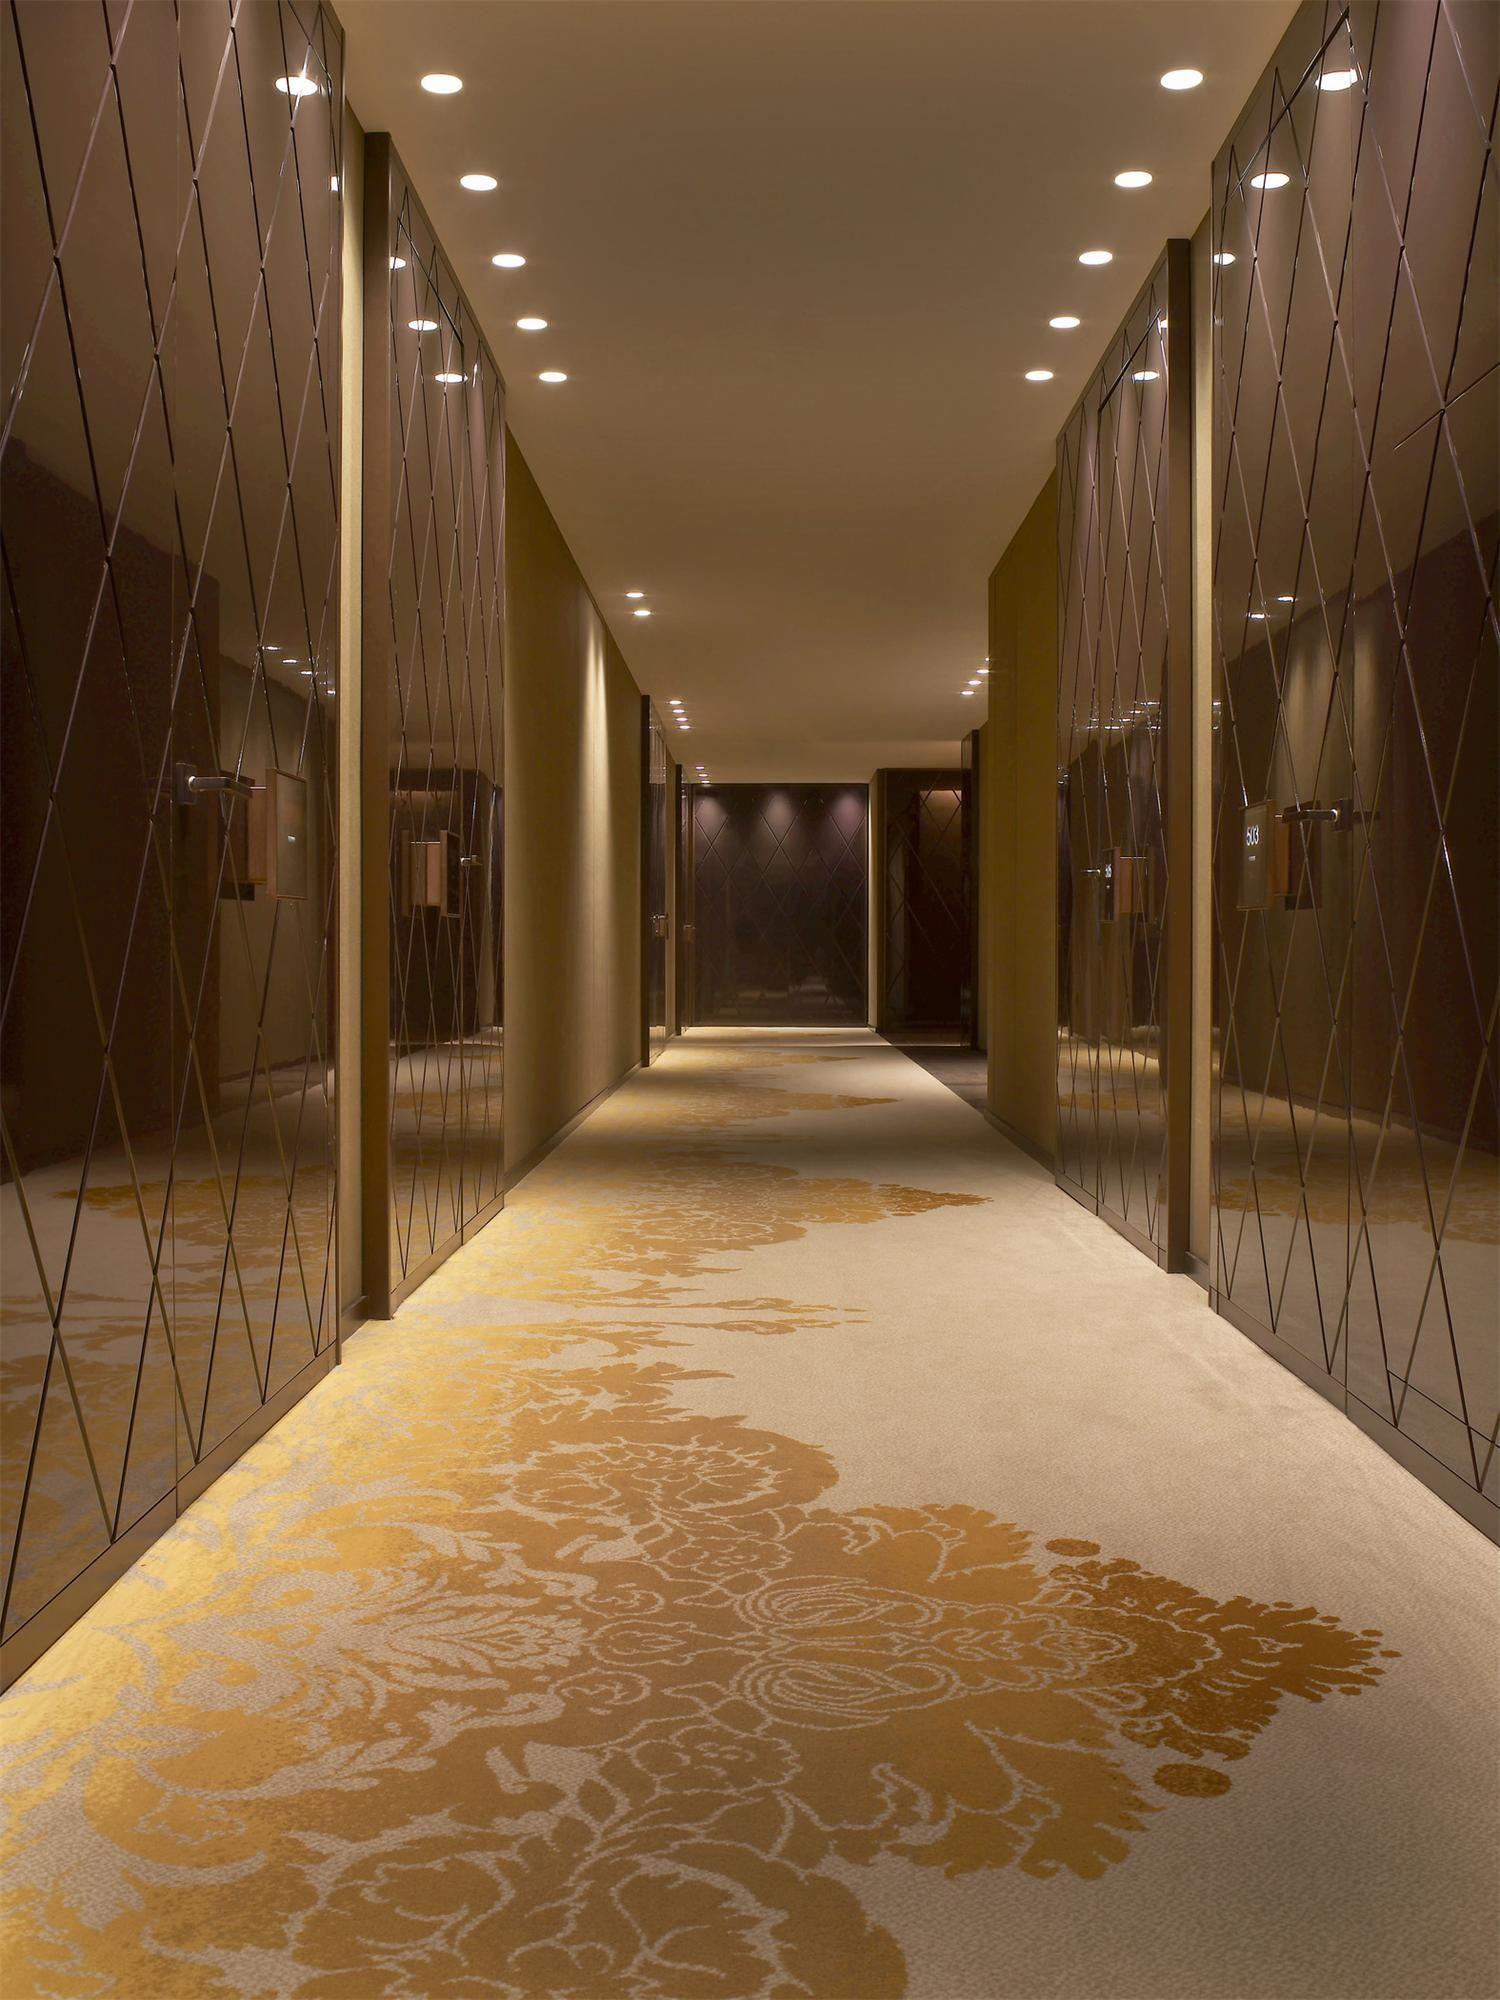 75 modelos de espelho bronze na decoração de ambientes | saints